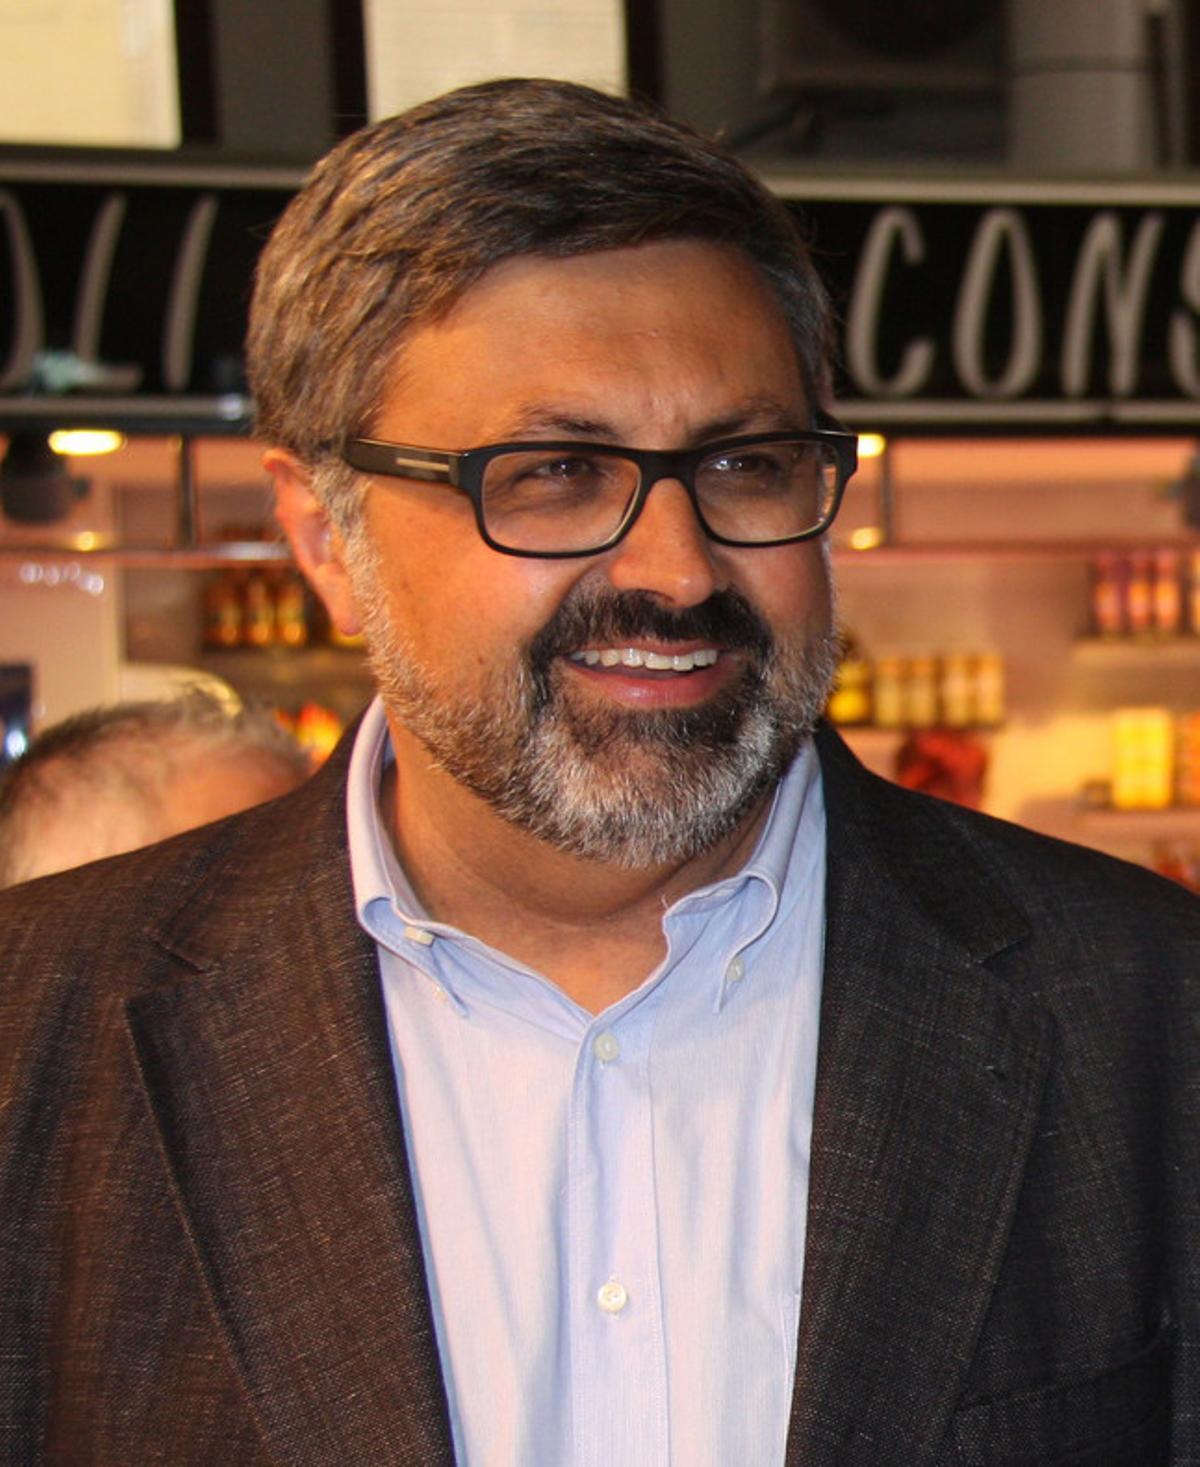 Joaquim Fernàndez, jefe del grupo municipal de CiU en Mataró y primer teniente de alcalde del gobierno local, en una imagen de la campaña electoral de 2015.